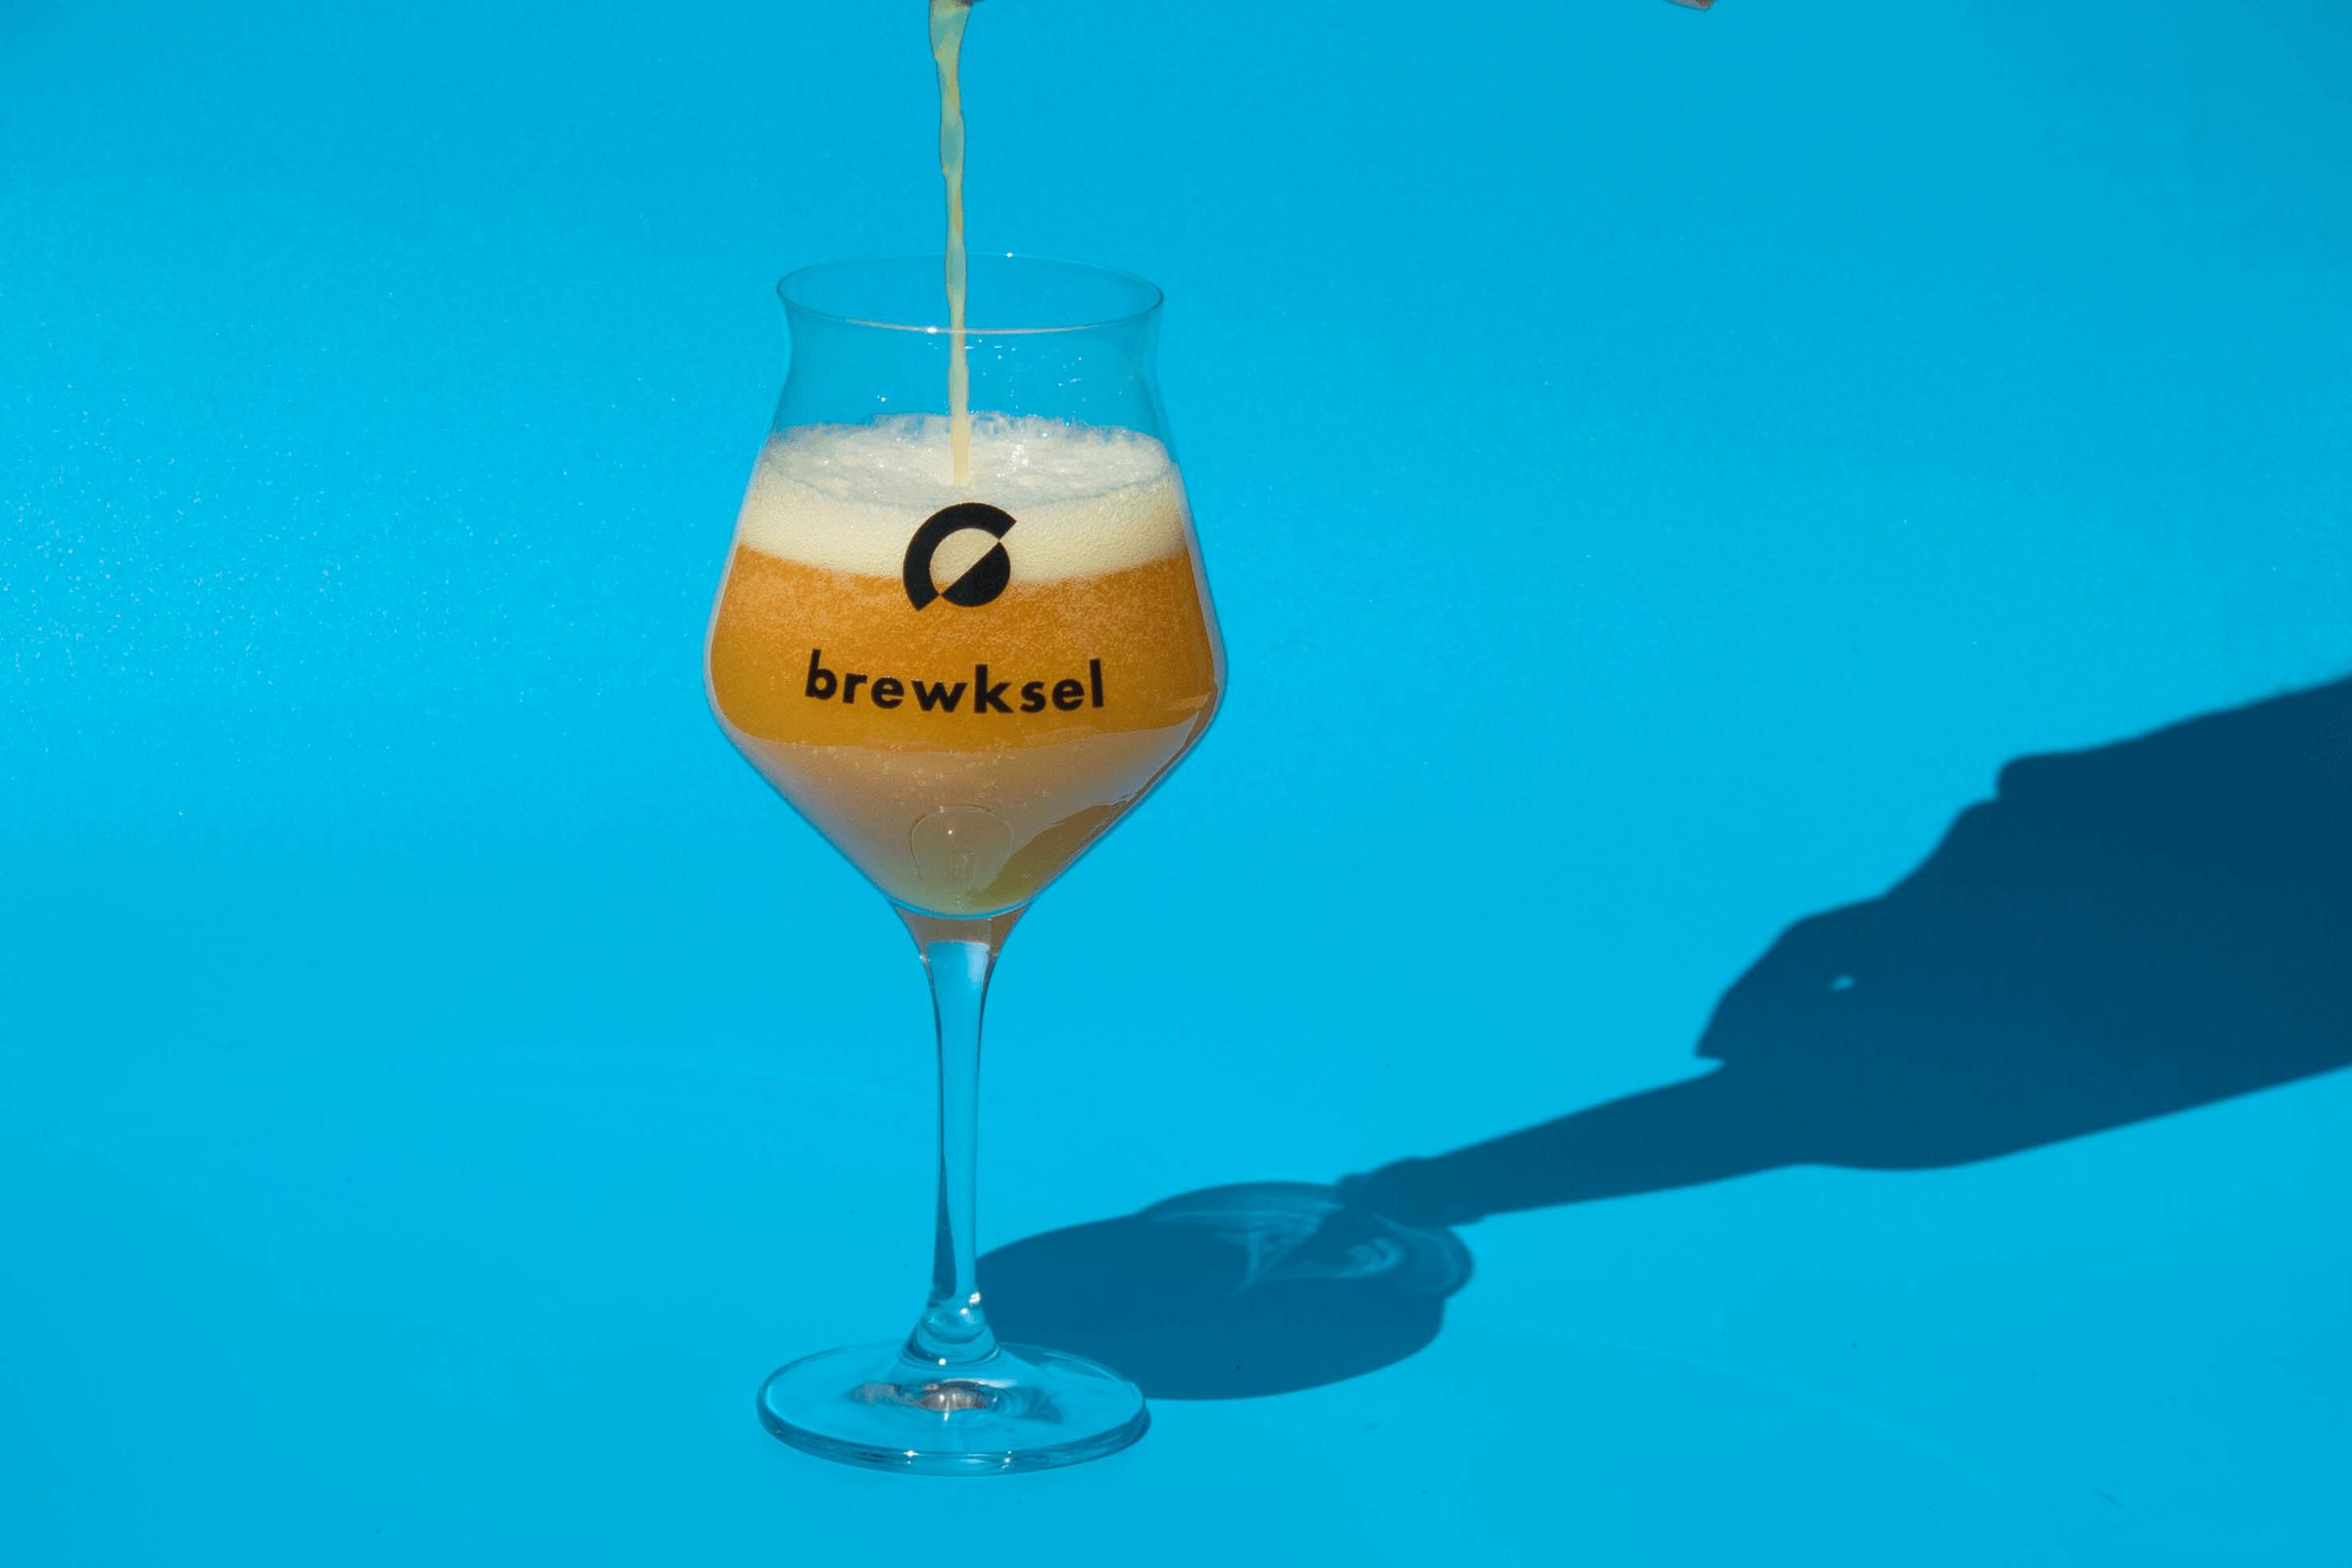 milkshake ipa served